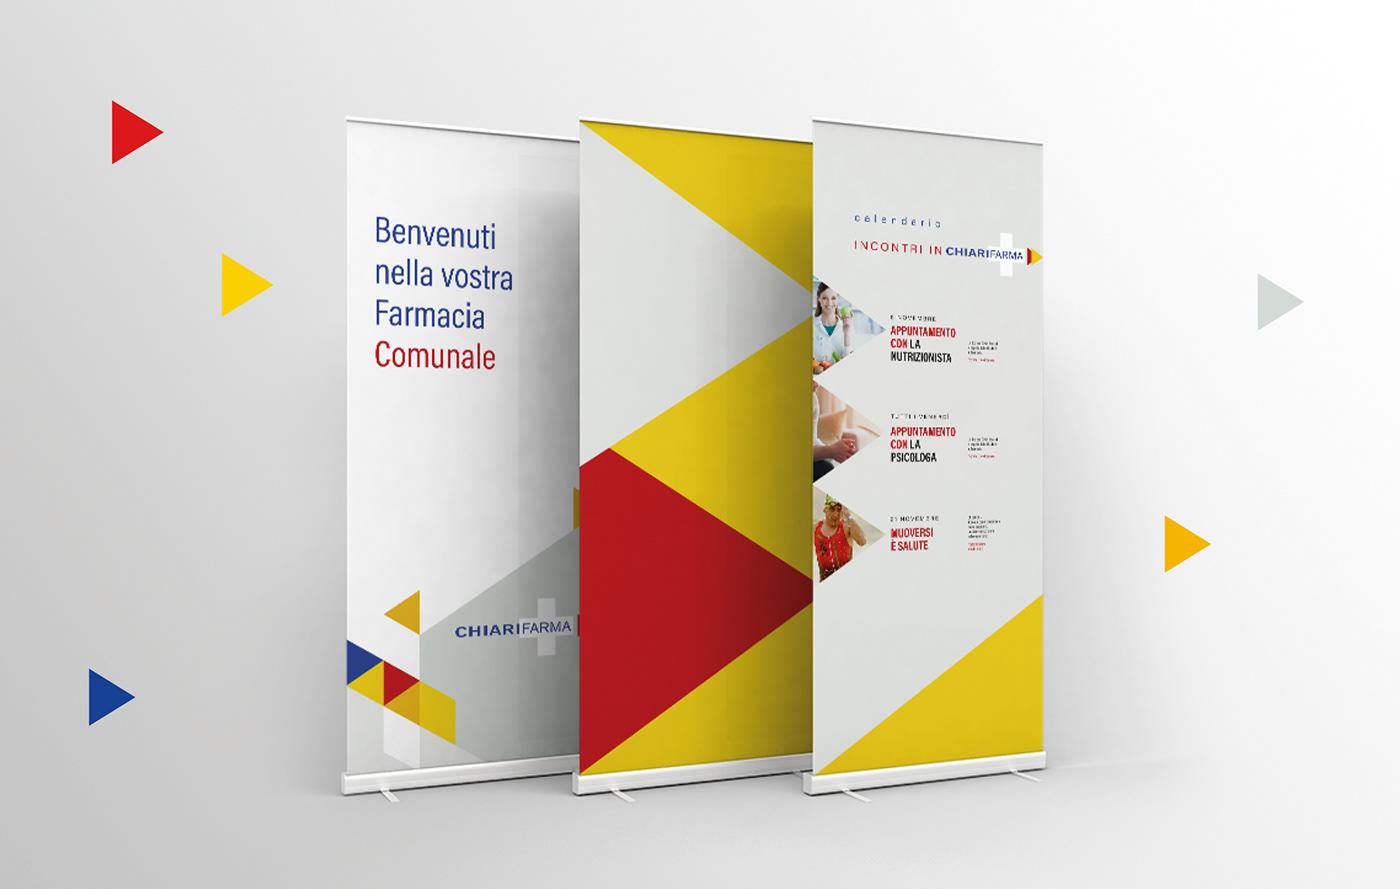 farmacia salute benessere branding  Interior design graphic medico medicina